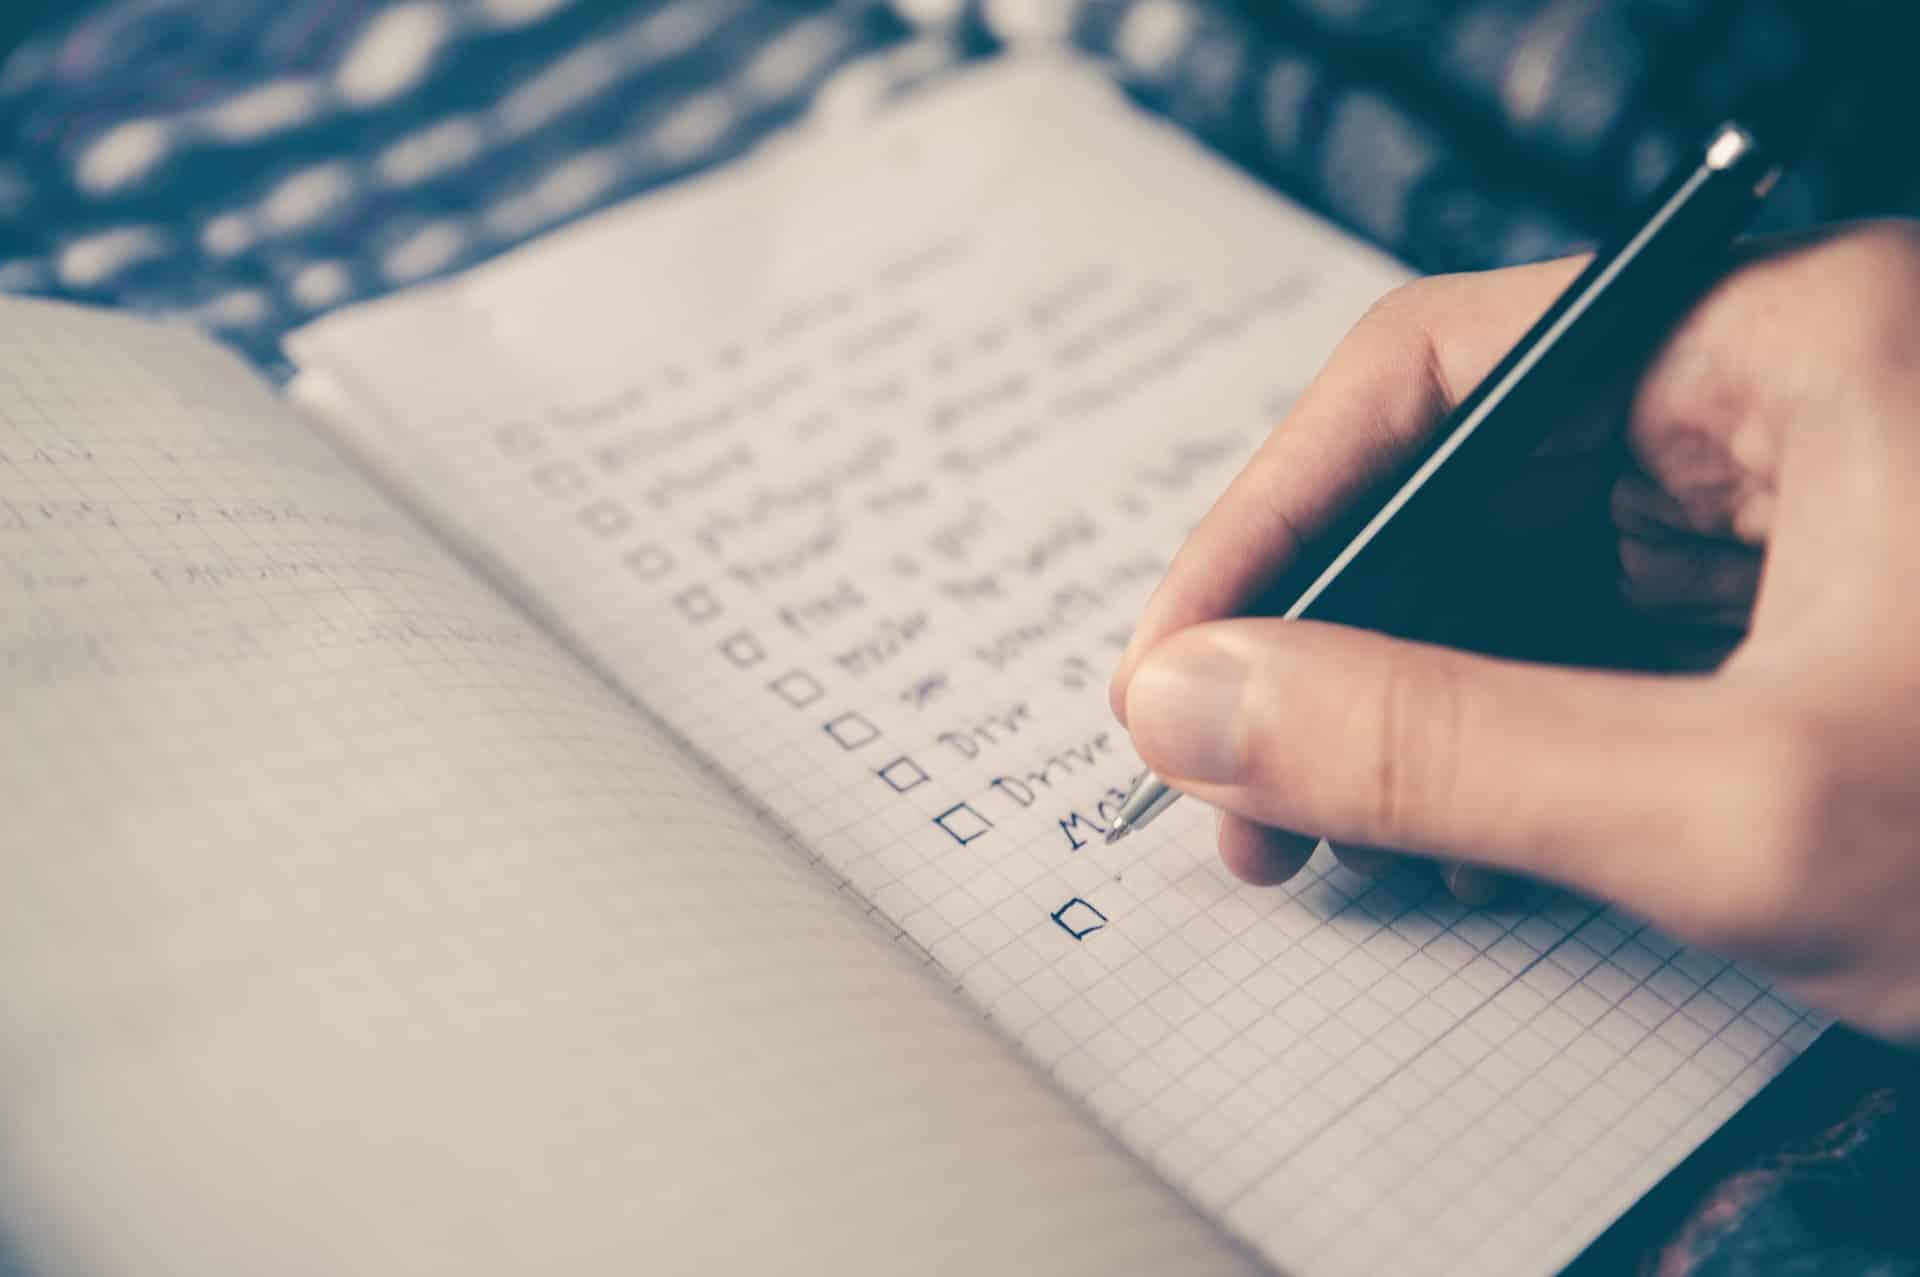 written checklist in notebook